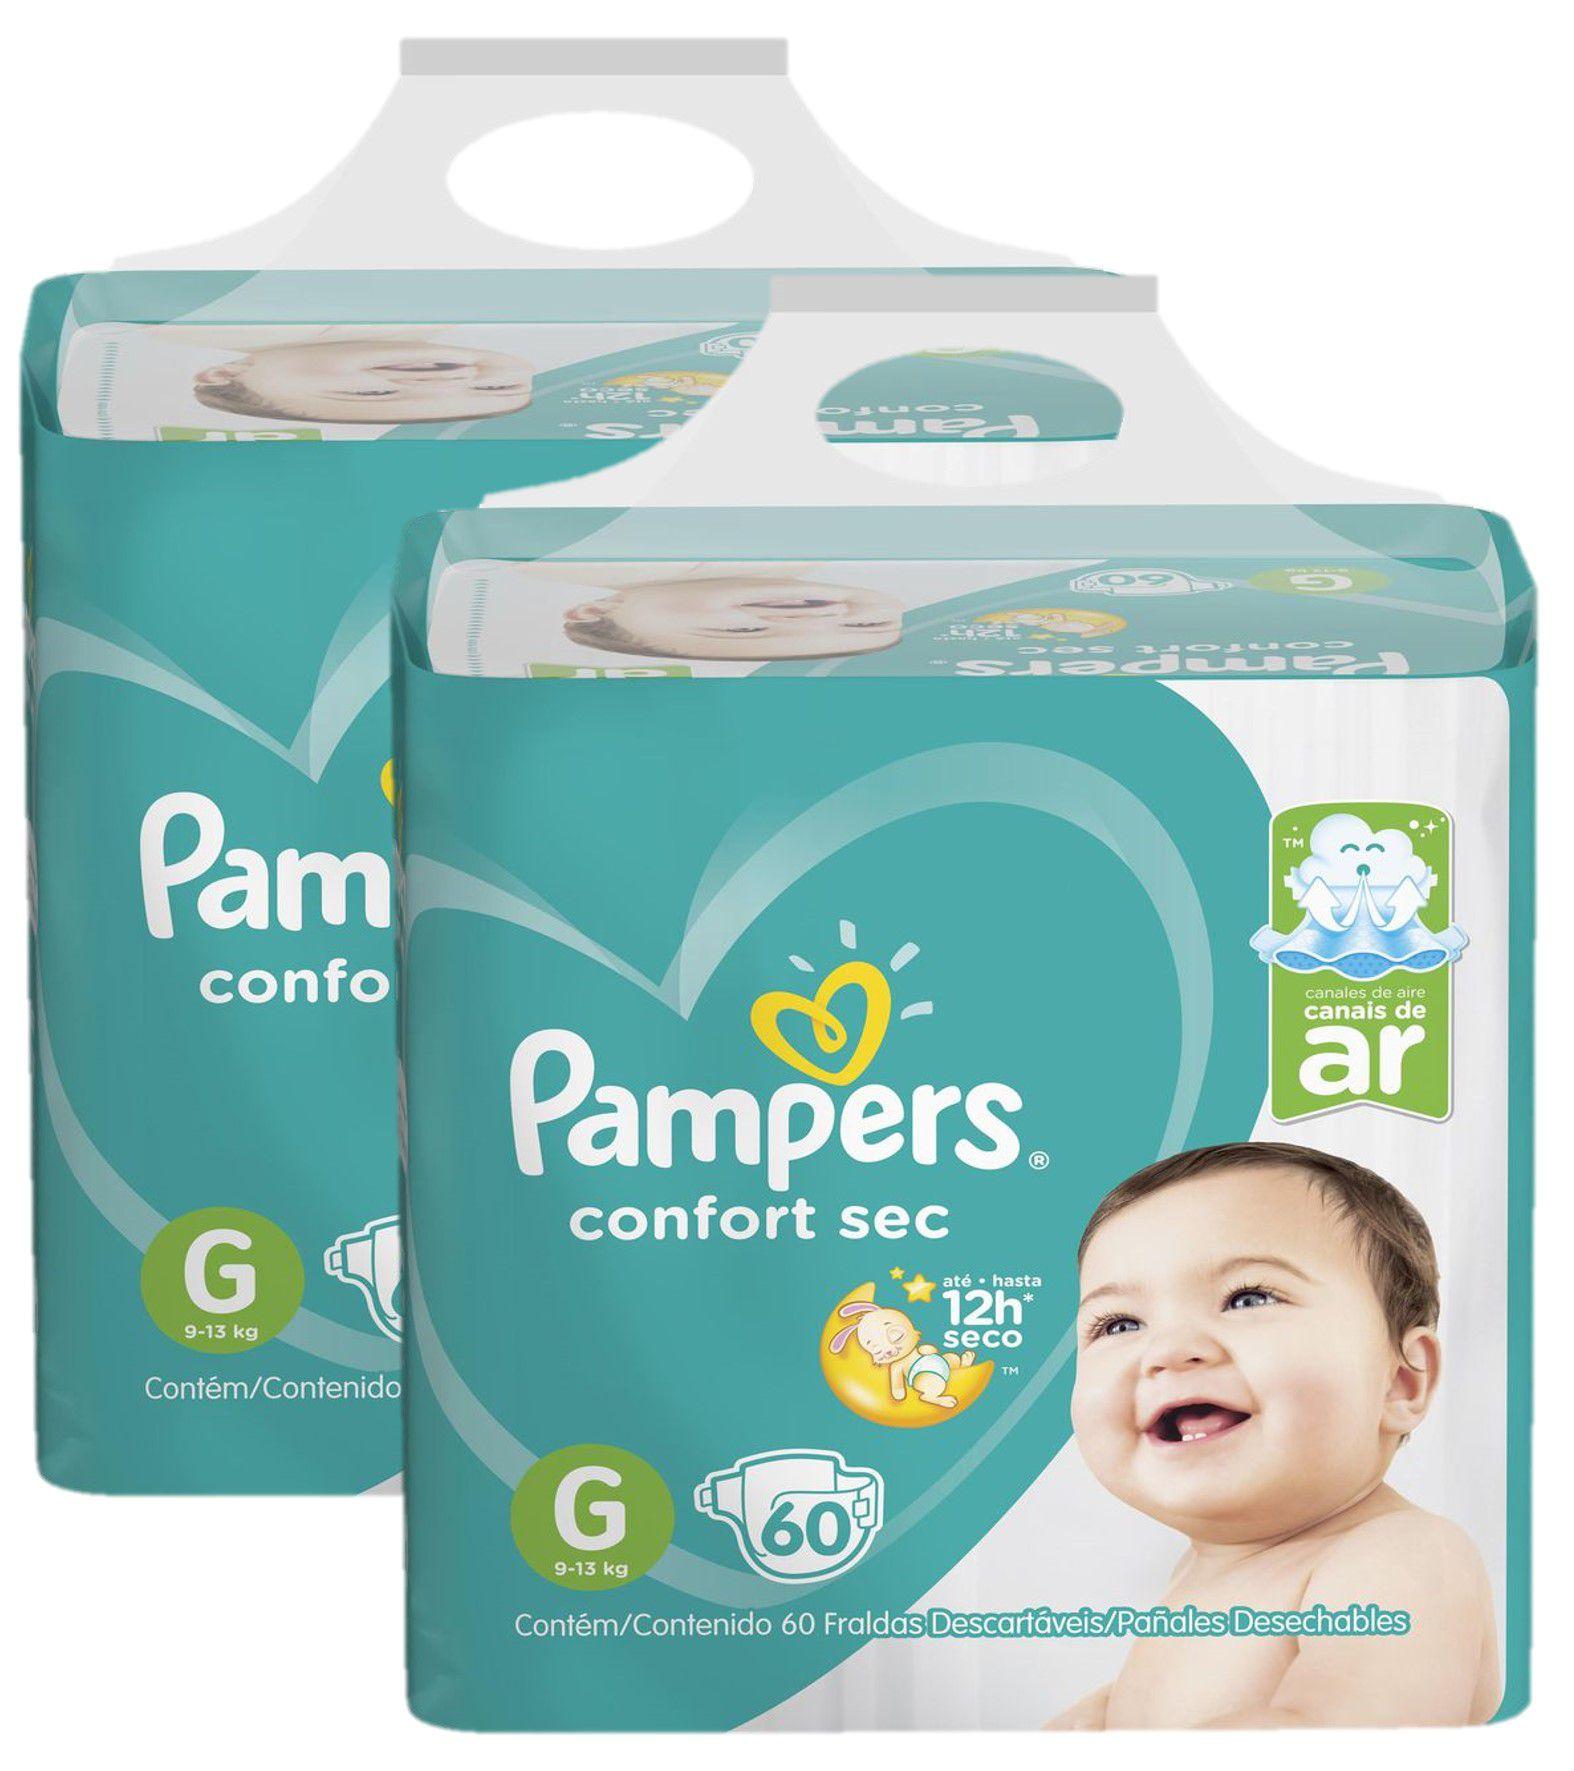 Kit Fralda Pampers Confort Sec Super Tamanho G 120 unidades